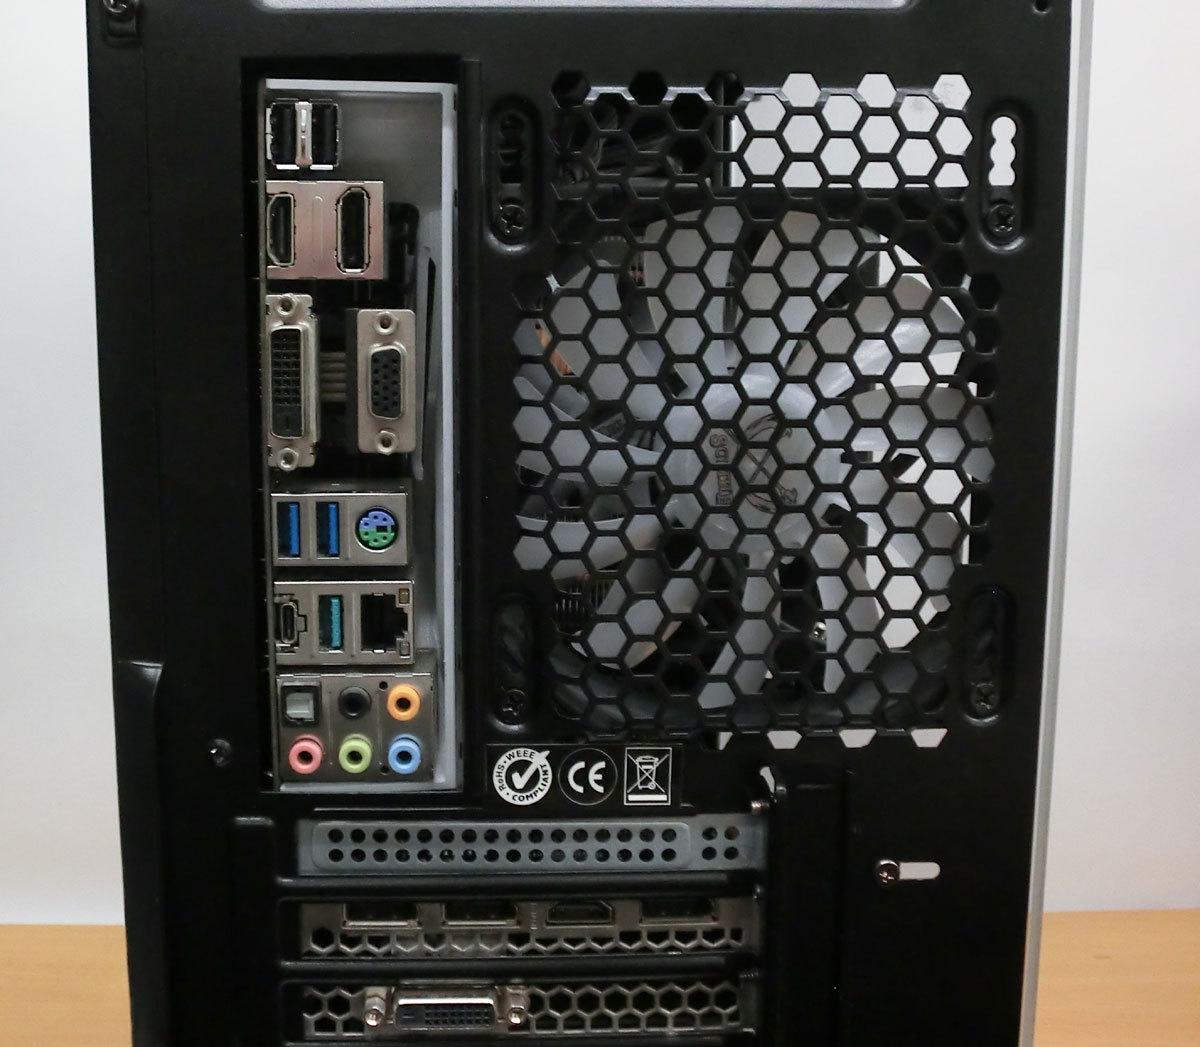 高性能自作ゲーミングPC 16GBメモリ 4コア/8スレッド Corei7 第7世代 7700 最大4.2Ghz GTX1070Ti(8G) 256GB+1TB フォートナイト Windows10 _画像5